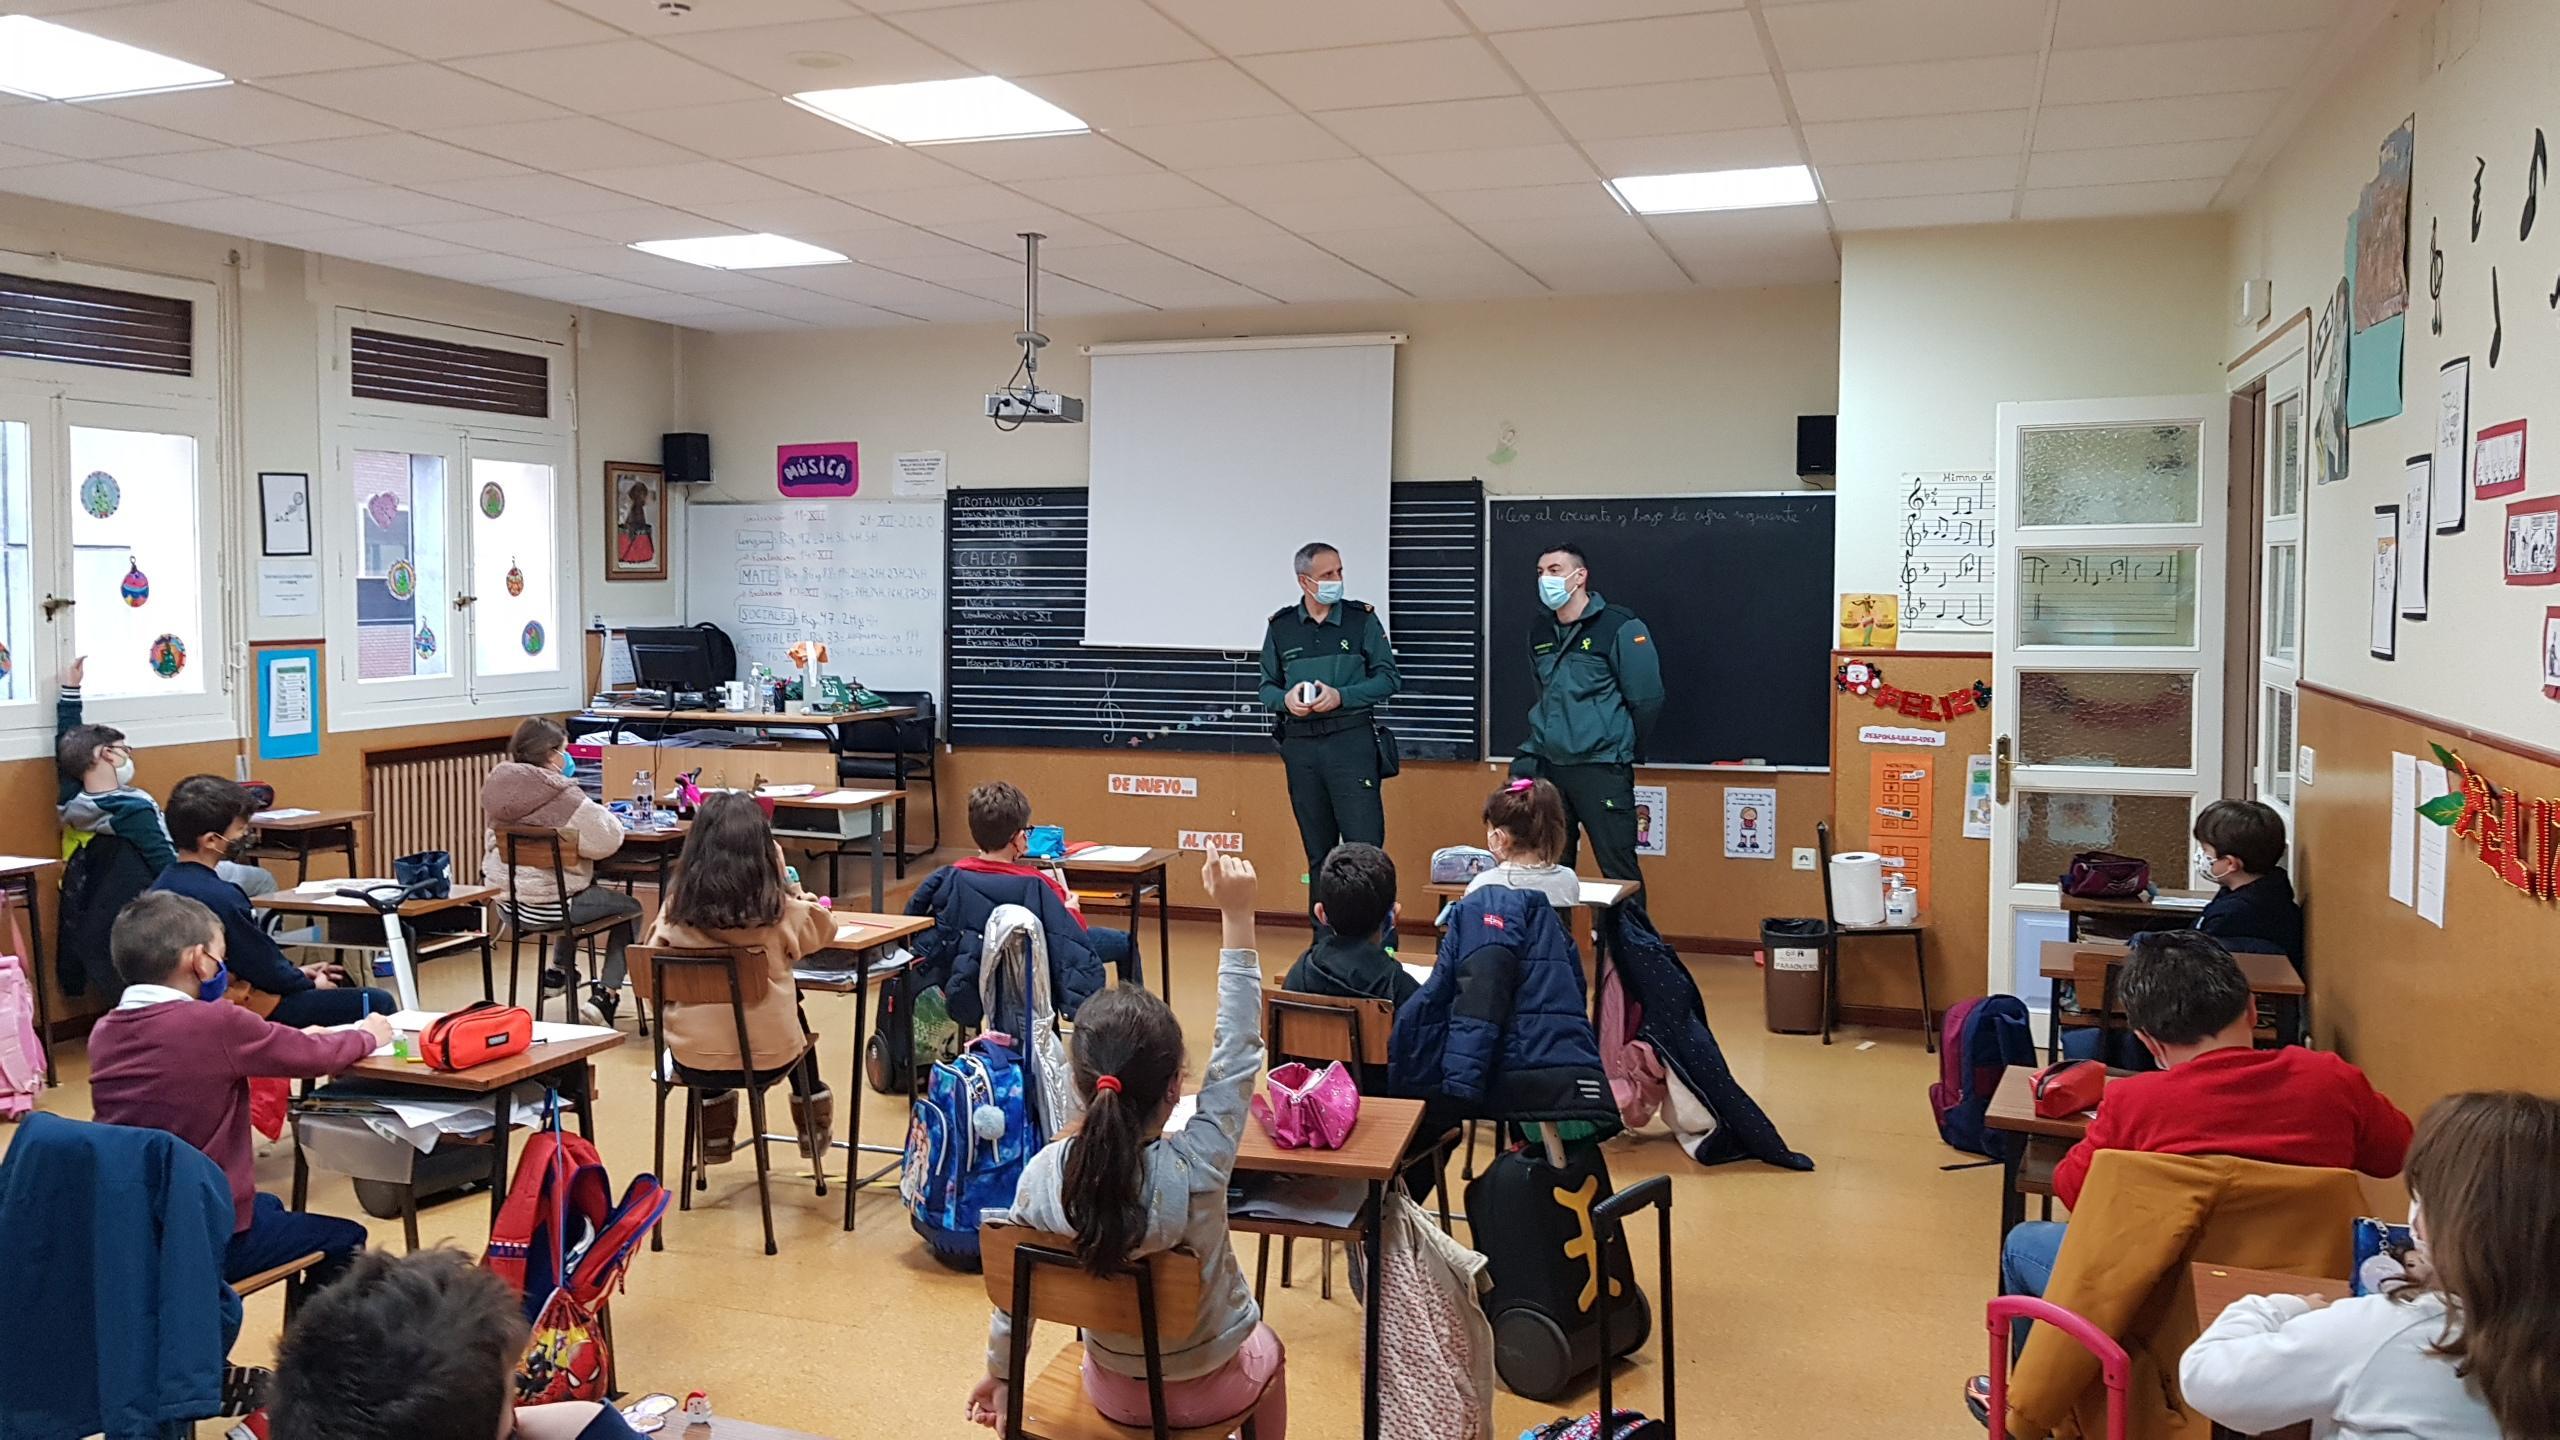 Visita de la Guardia Civil a los alumnos de 3º de Educación Primaria del Colegio Filipense Blanca de Castilla de Palencia